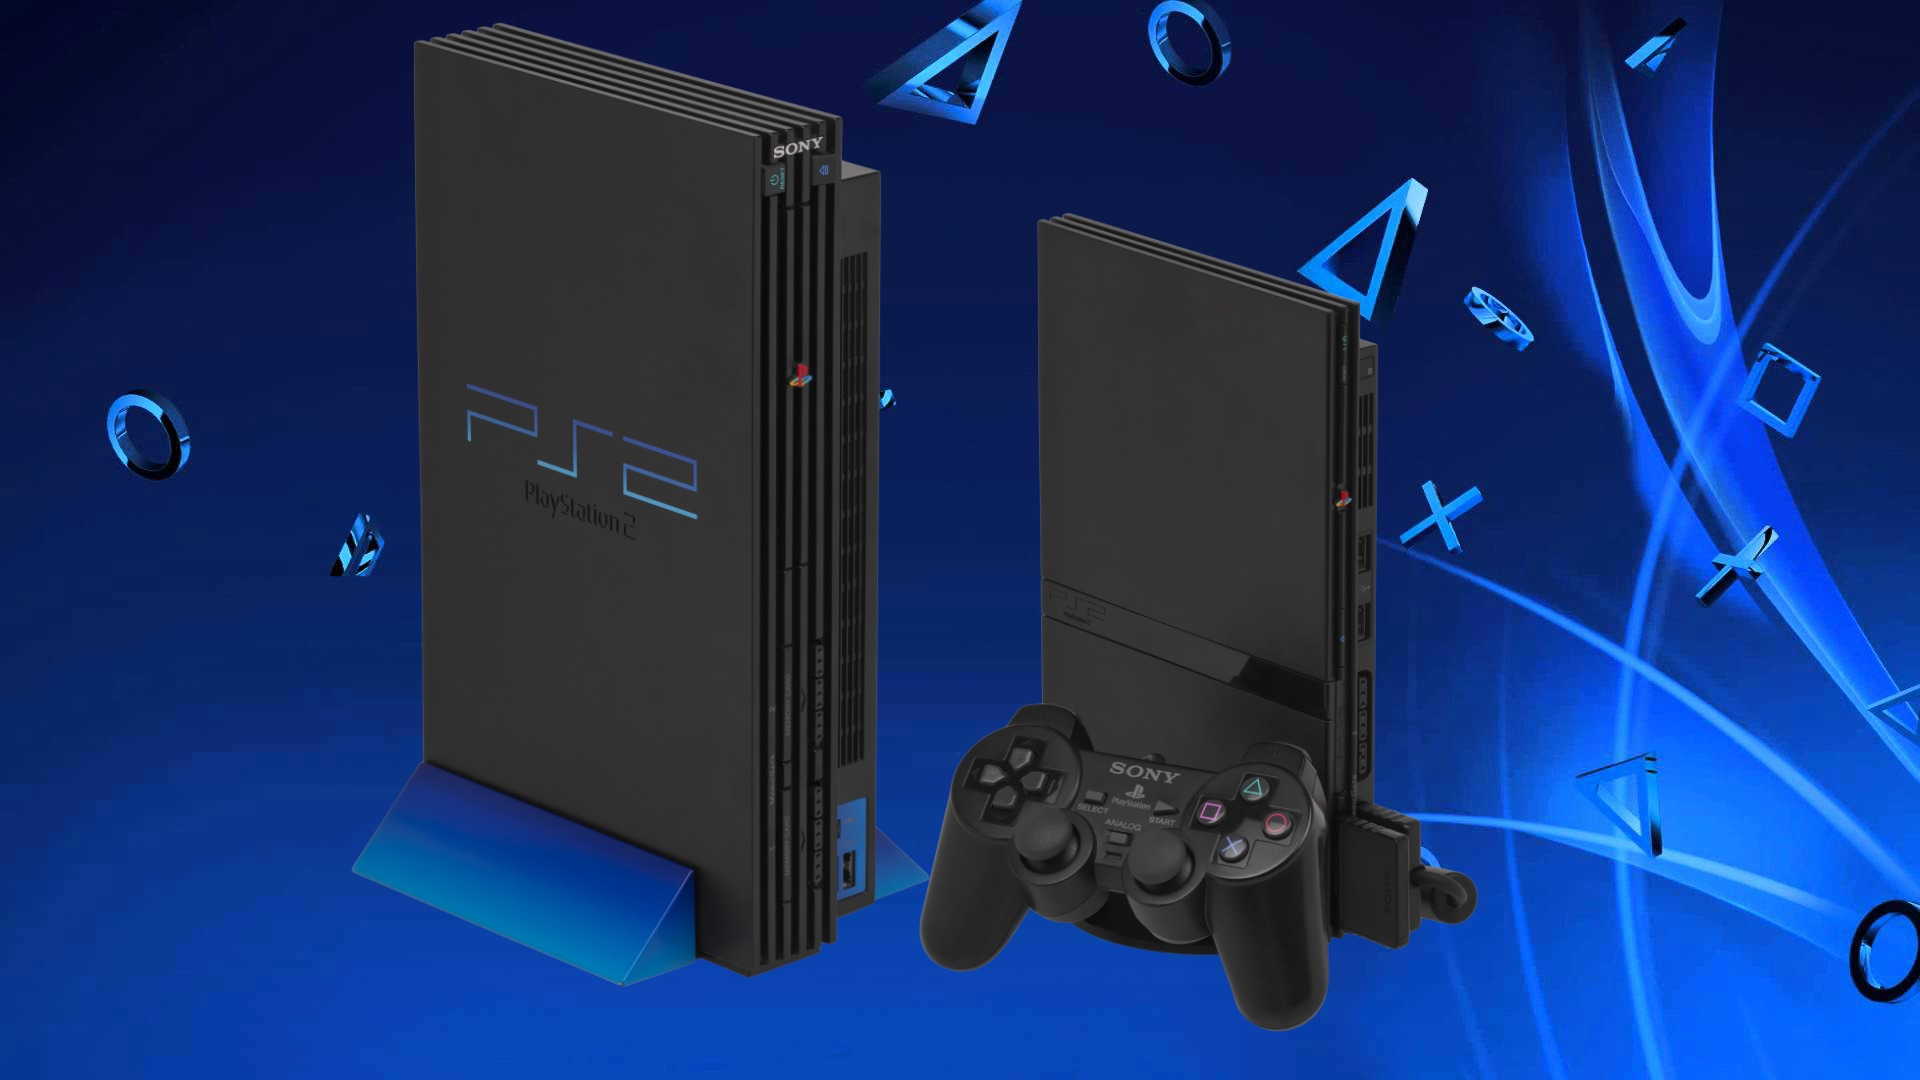 La PlayStation 2 aura bientôt 20 ans. Selon vous, quels étaient les meilleurs jeux ?